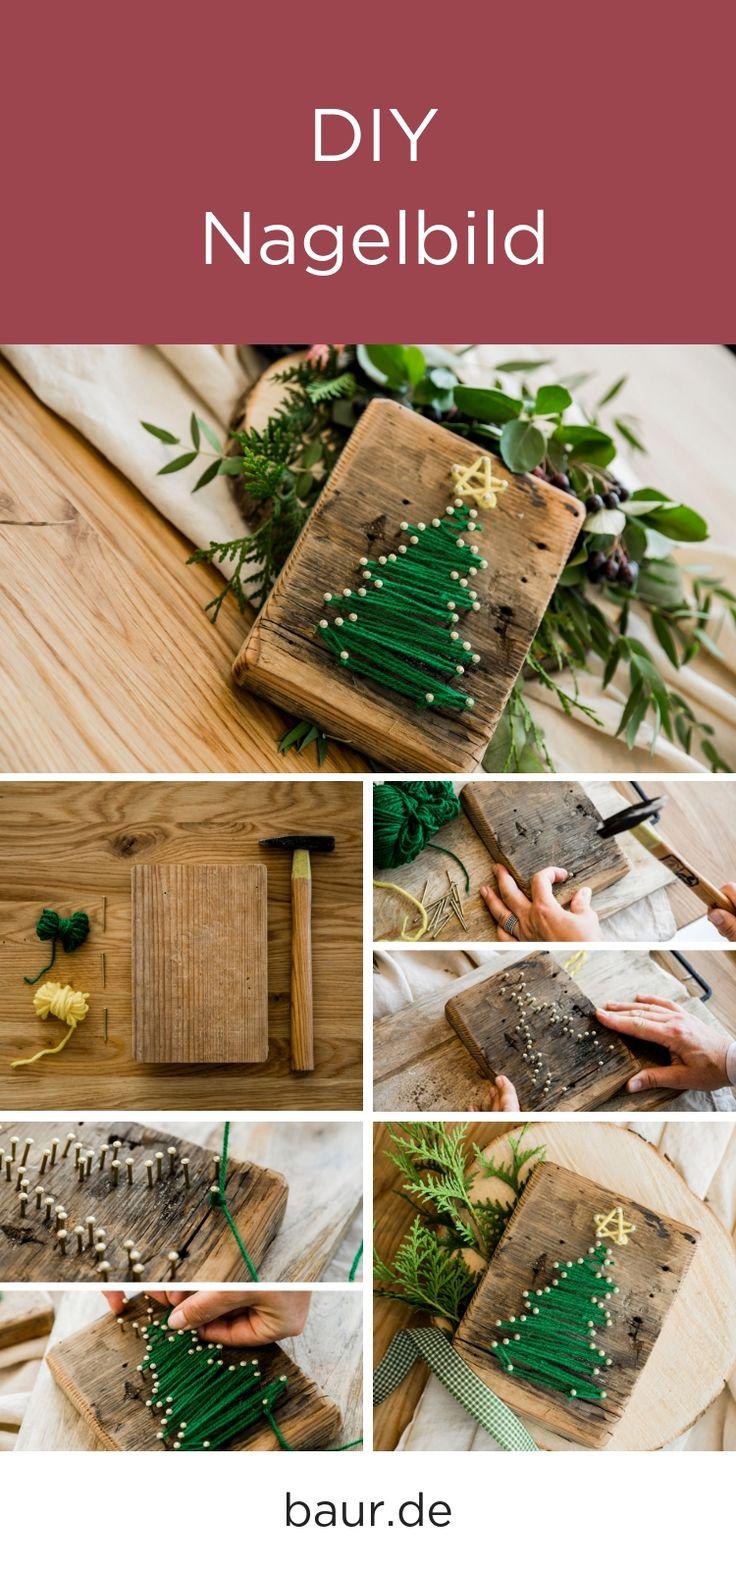 DIY: Nagelbild Weihnachtsbaum, Weihnachtsdekoration selbst gemacht, DIY Geschenk, DIY Dekoration   – Weihnachten | BAUR